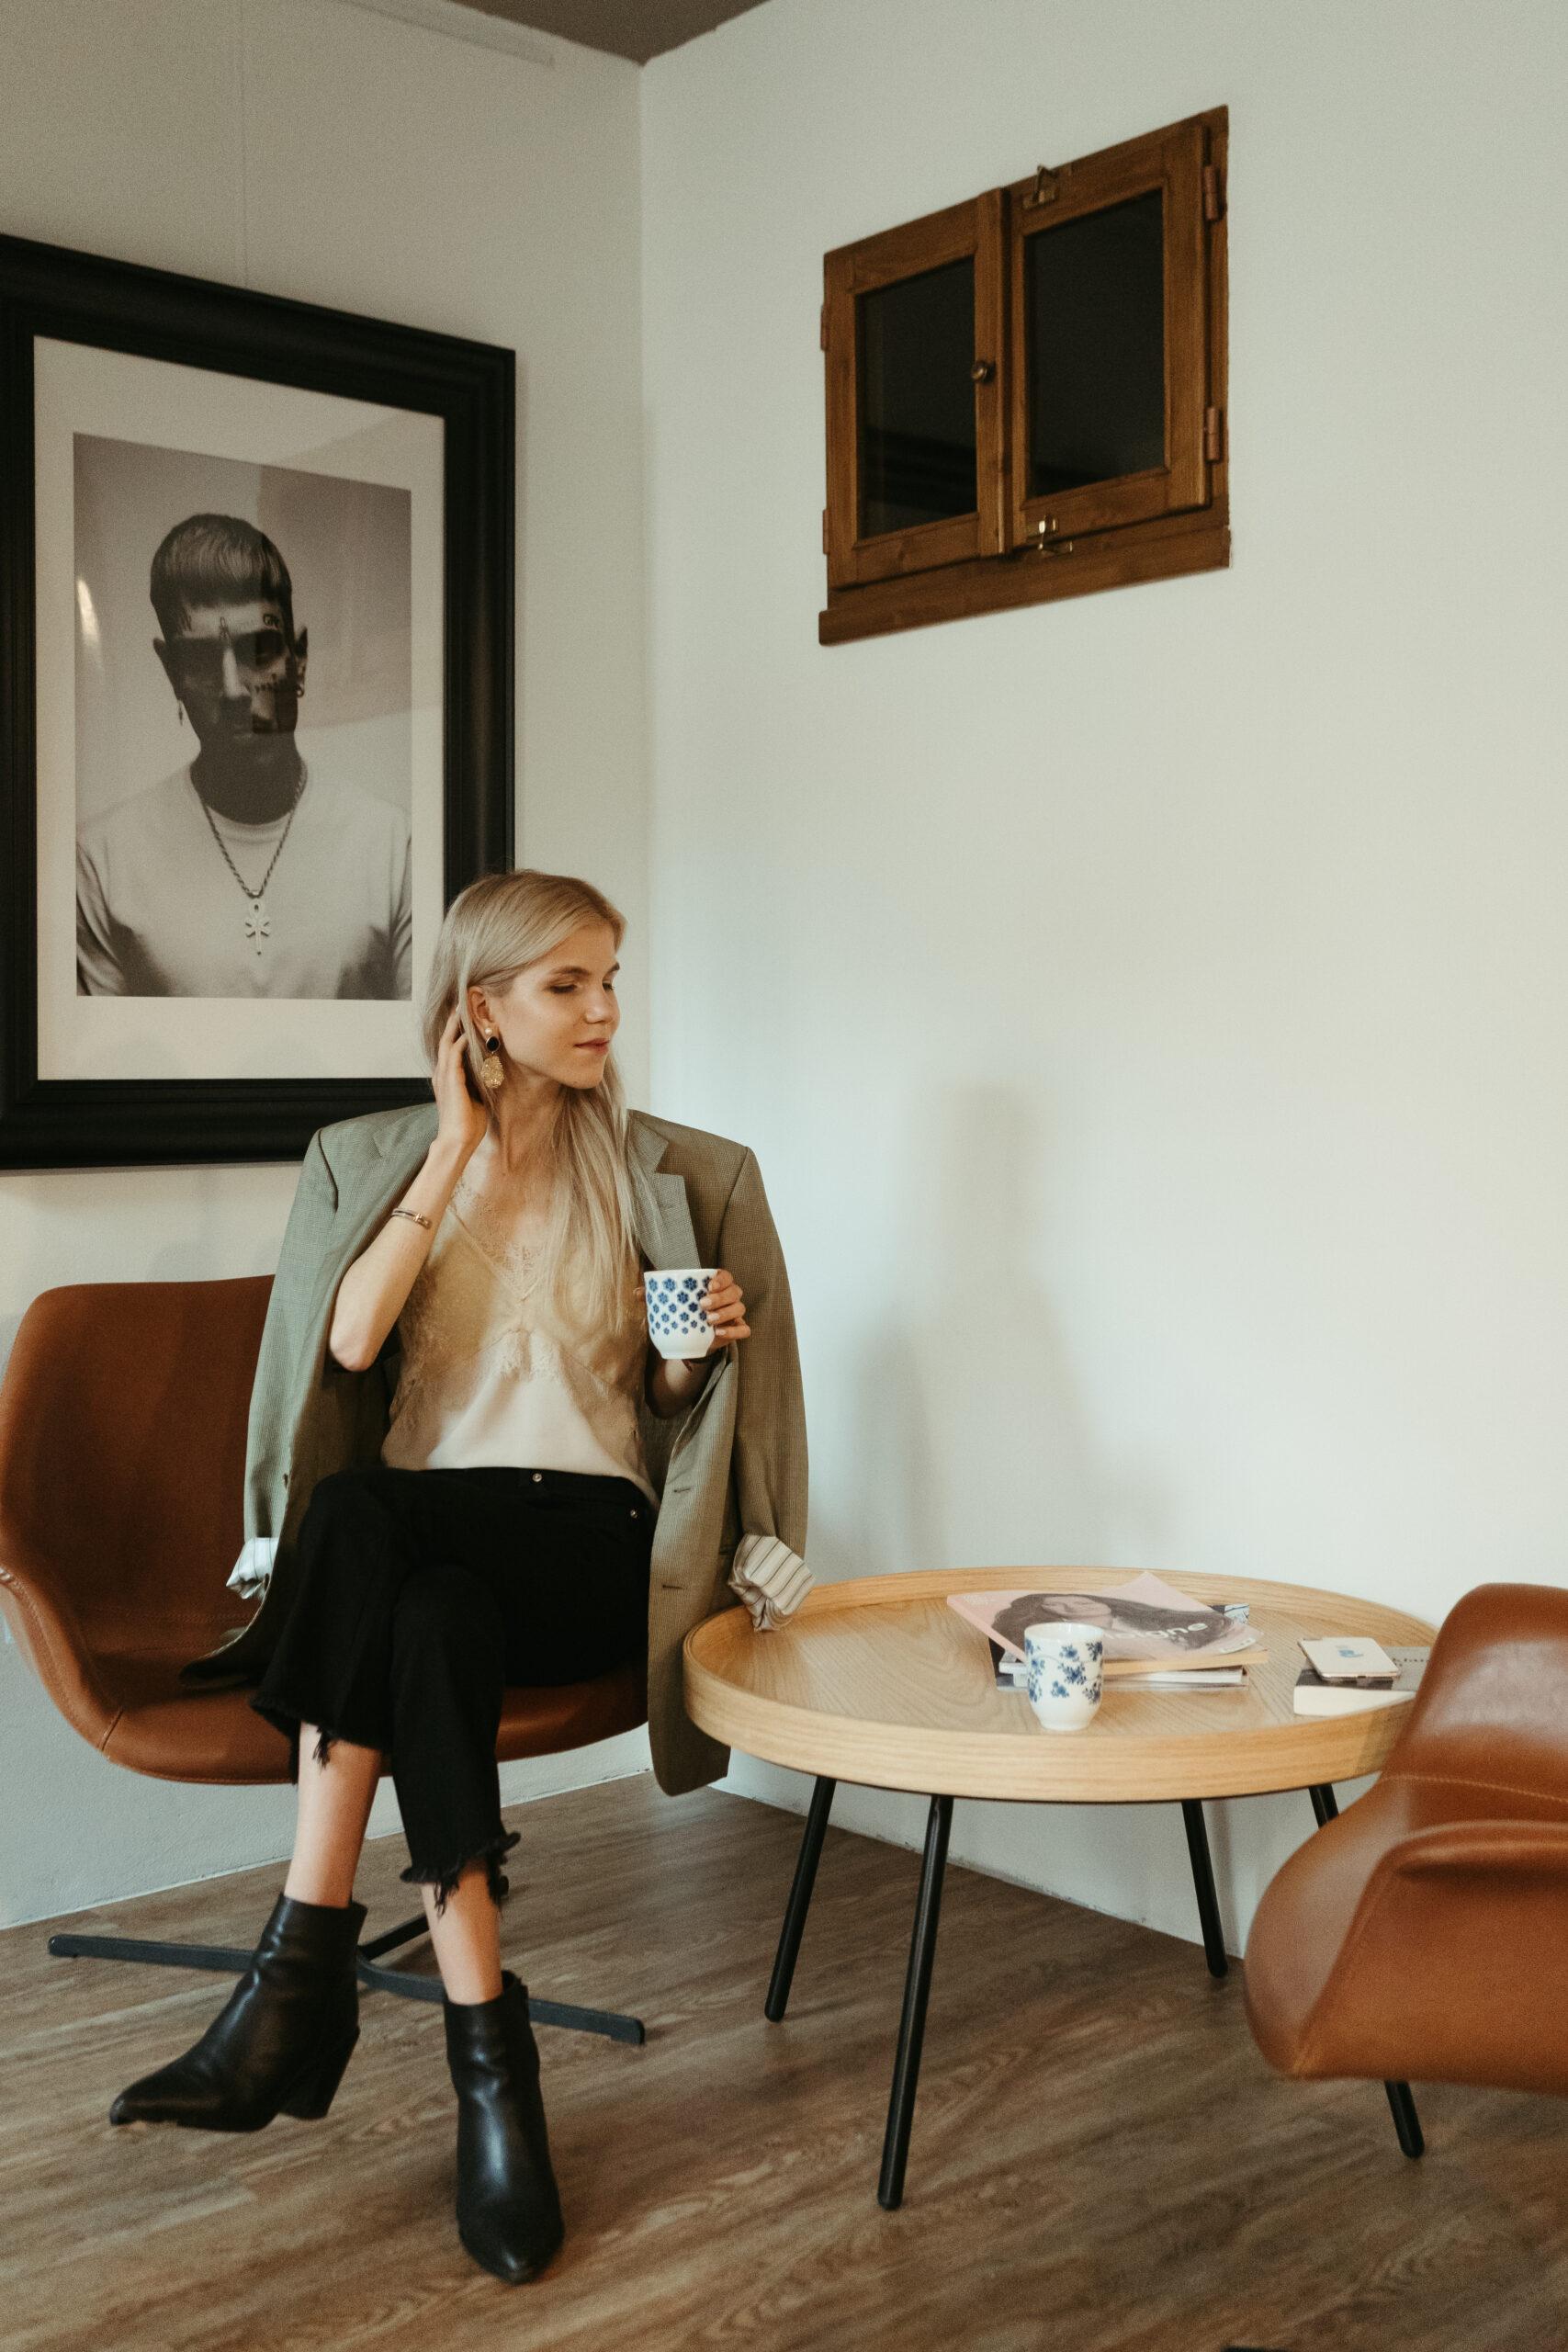 Únavný boj s vnitřním kritikem